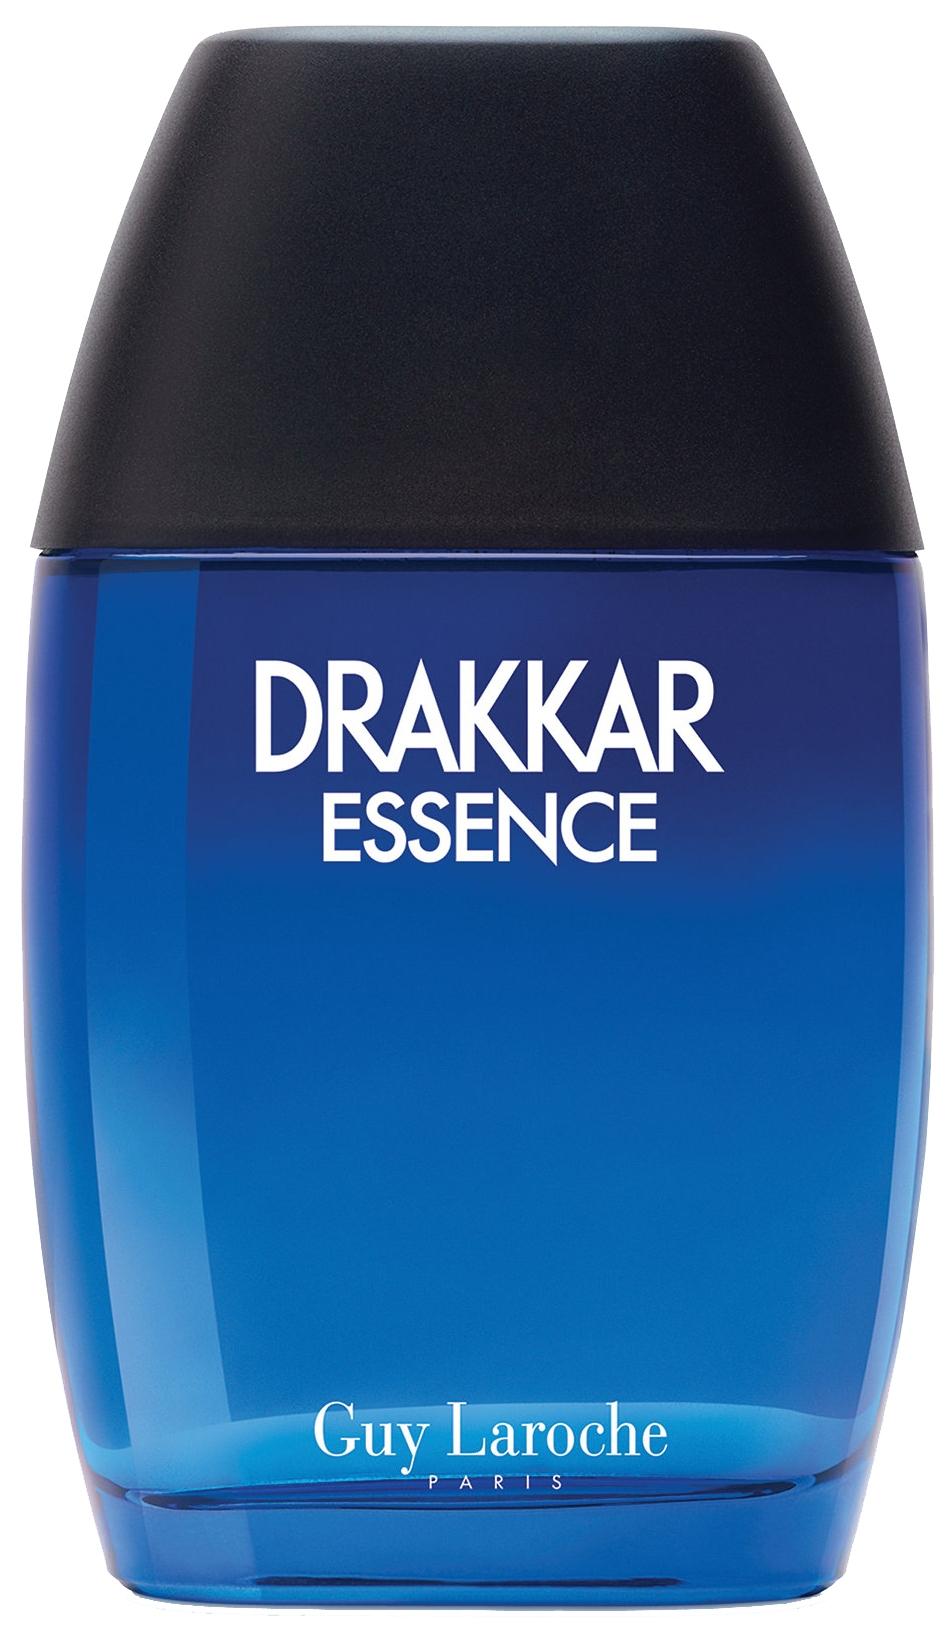 Guy Laroche Drakkar Essence (M) edt 30ml